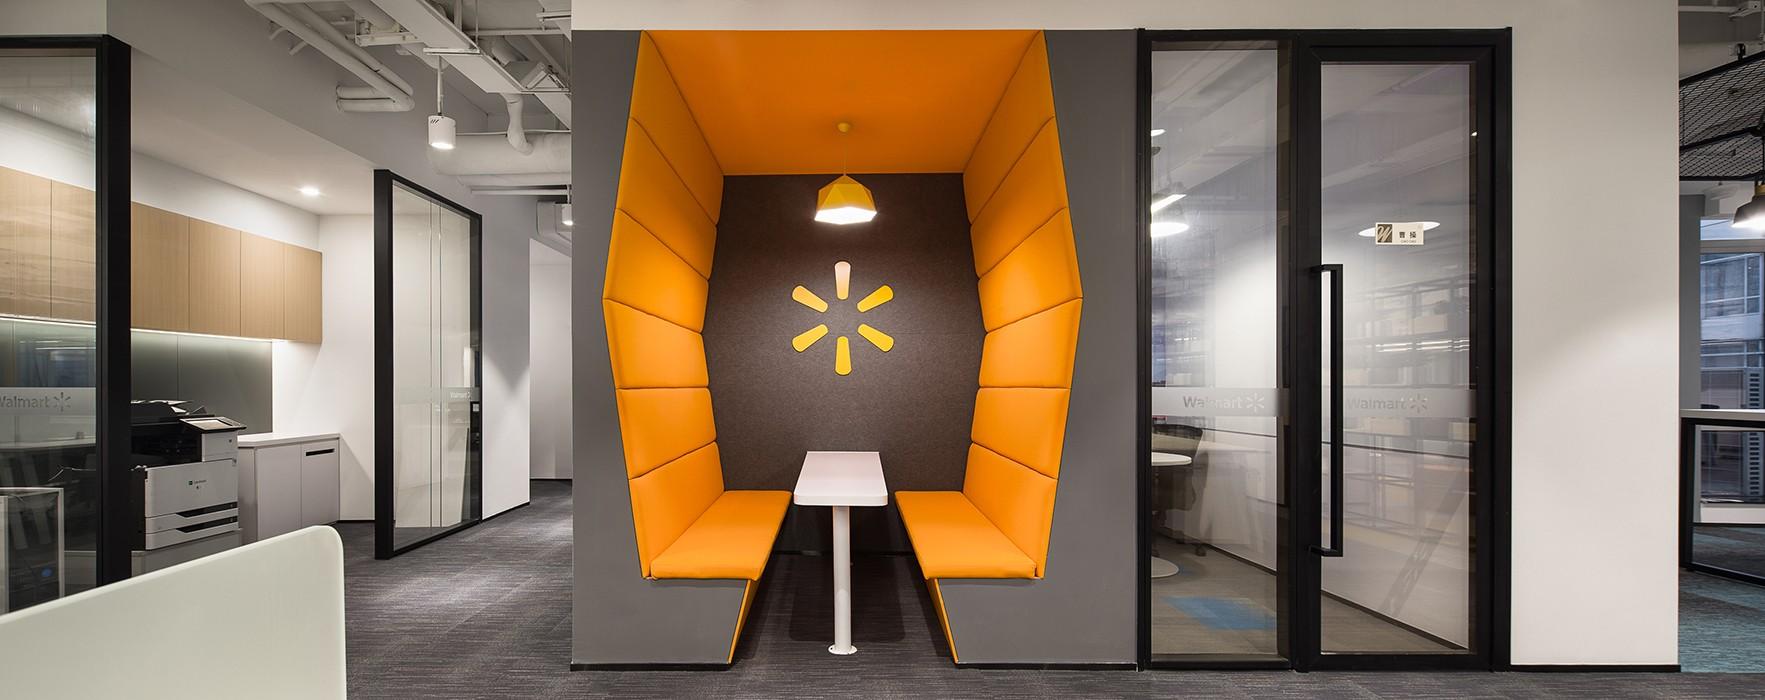 沃尔玛中国总部办公室设计装修